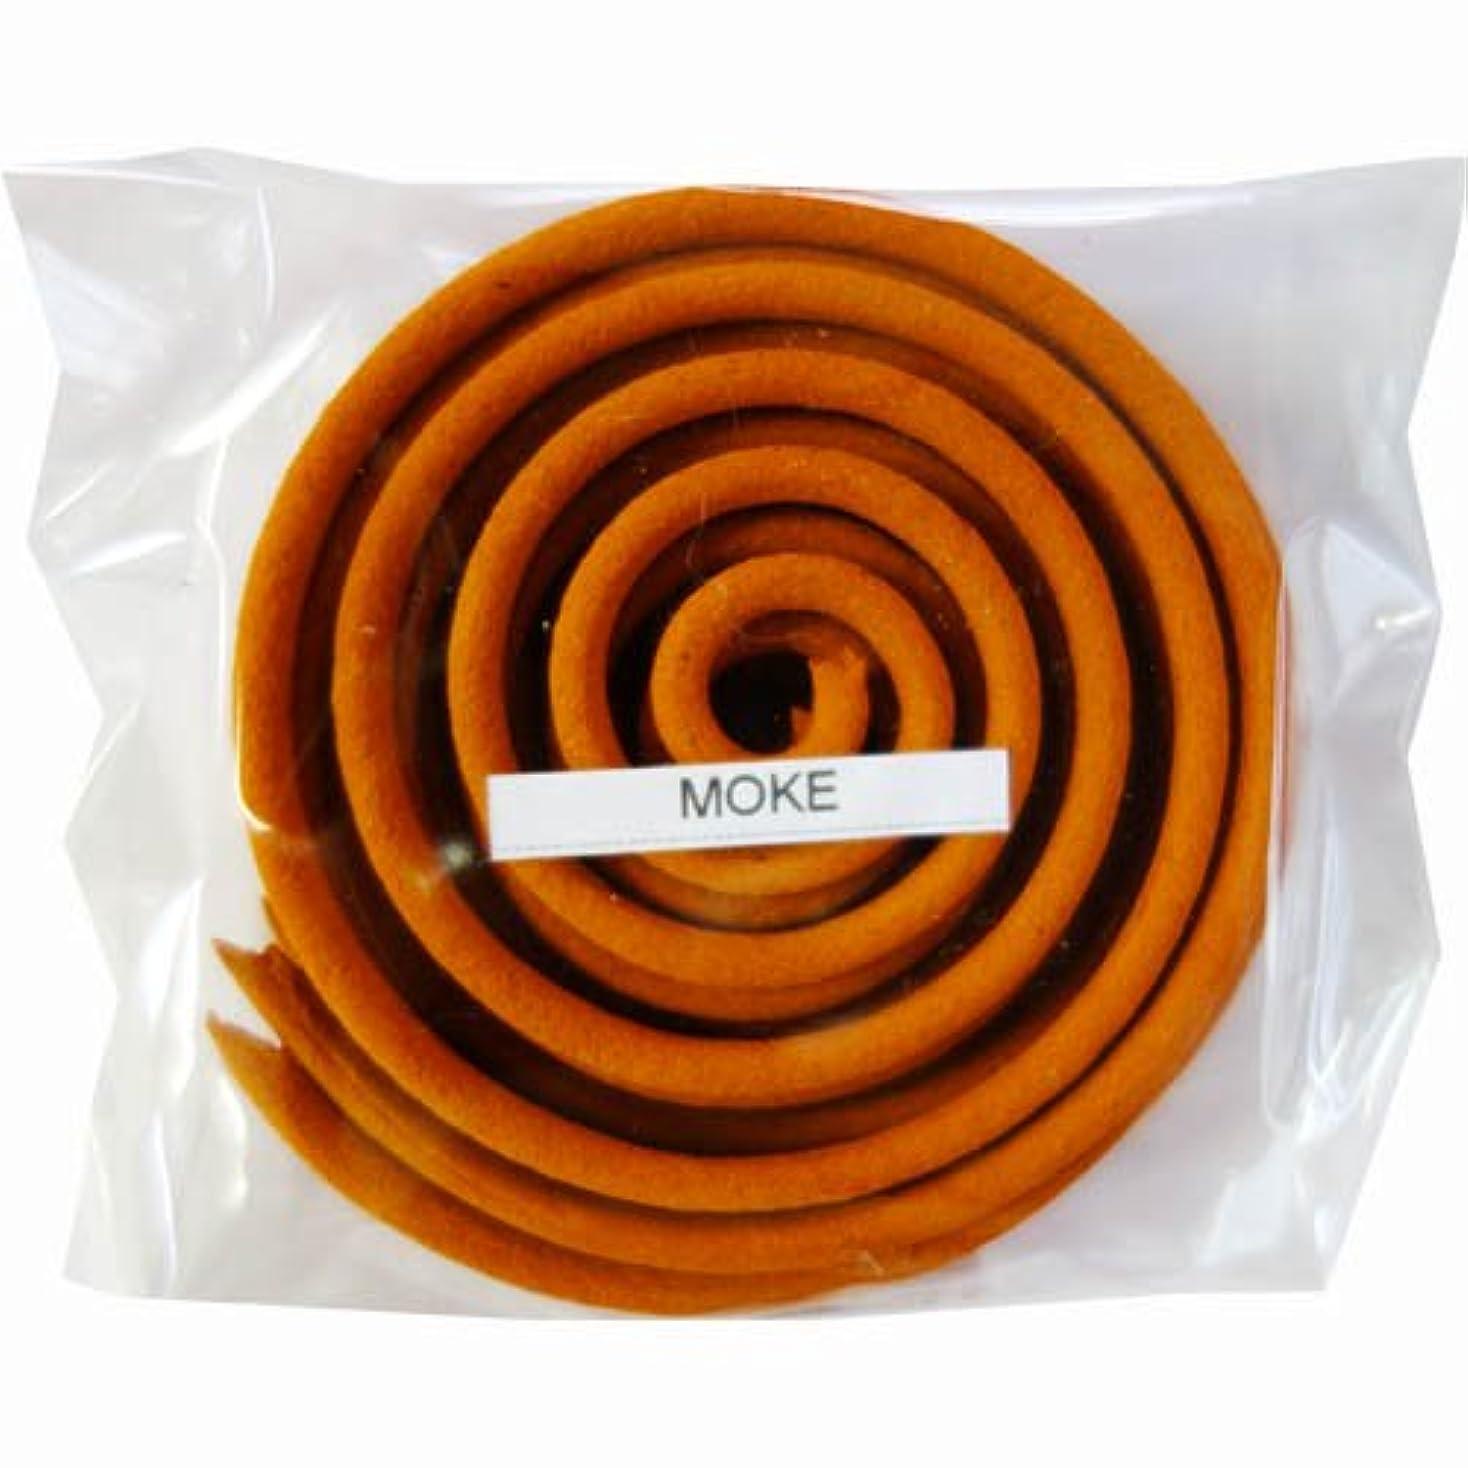 立ち寄るナプキンさわやかお香/うずまき香 MOKE モーク 直径6.5cm×5巻セット [並行輸入品]